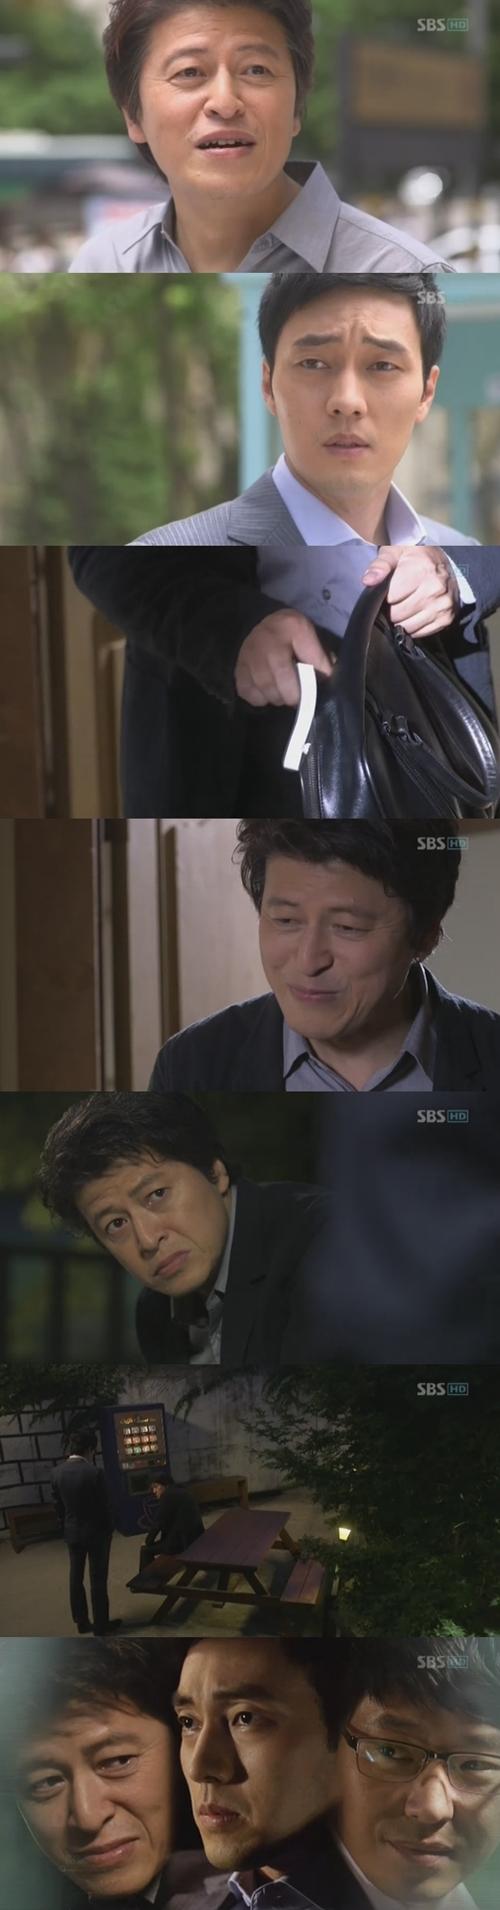 韓劇 幽靈 10集劇情線上看 1